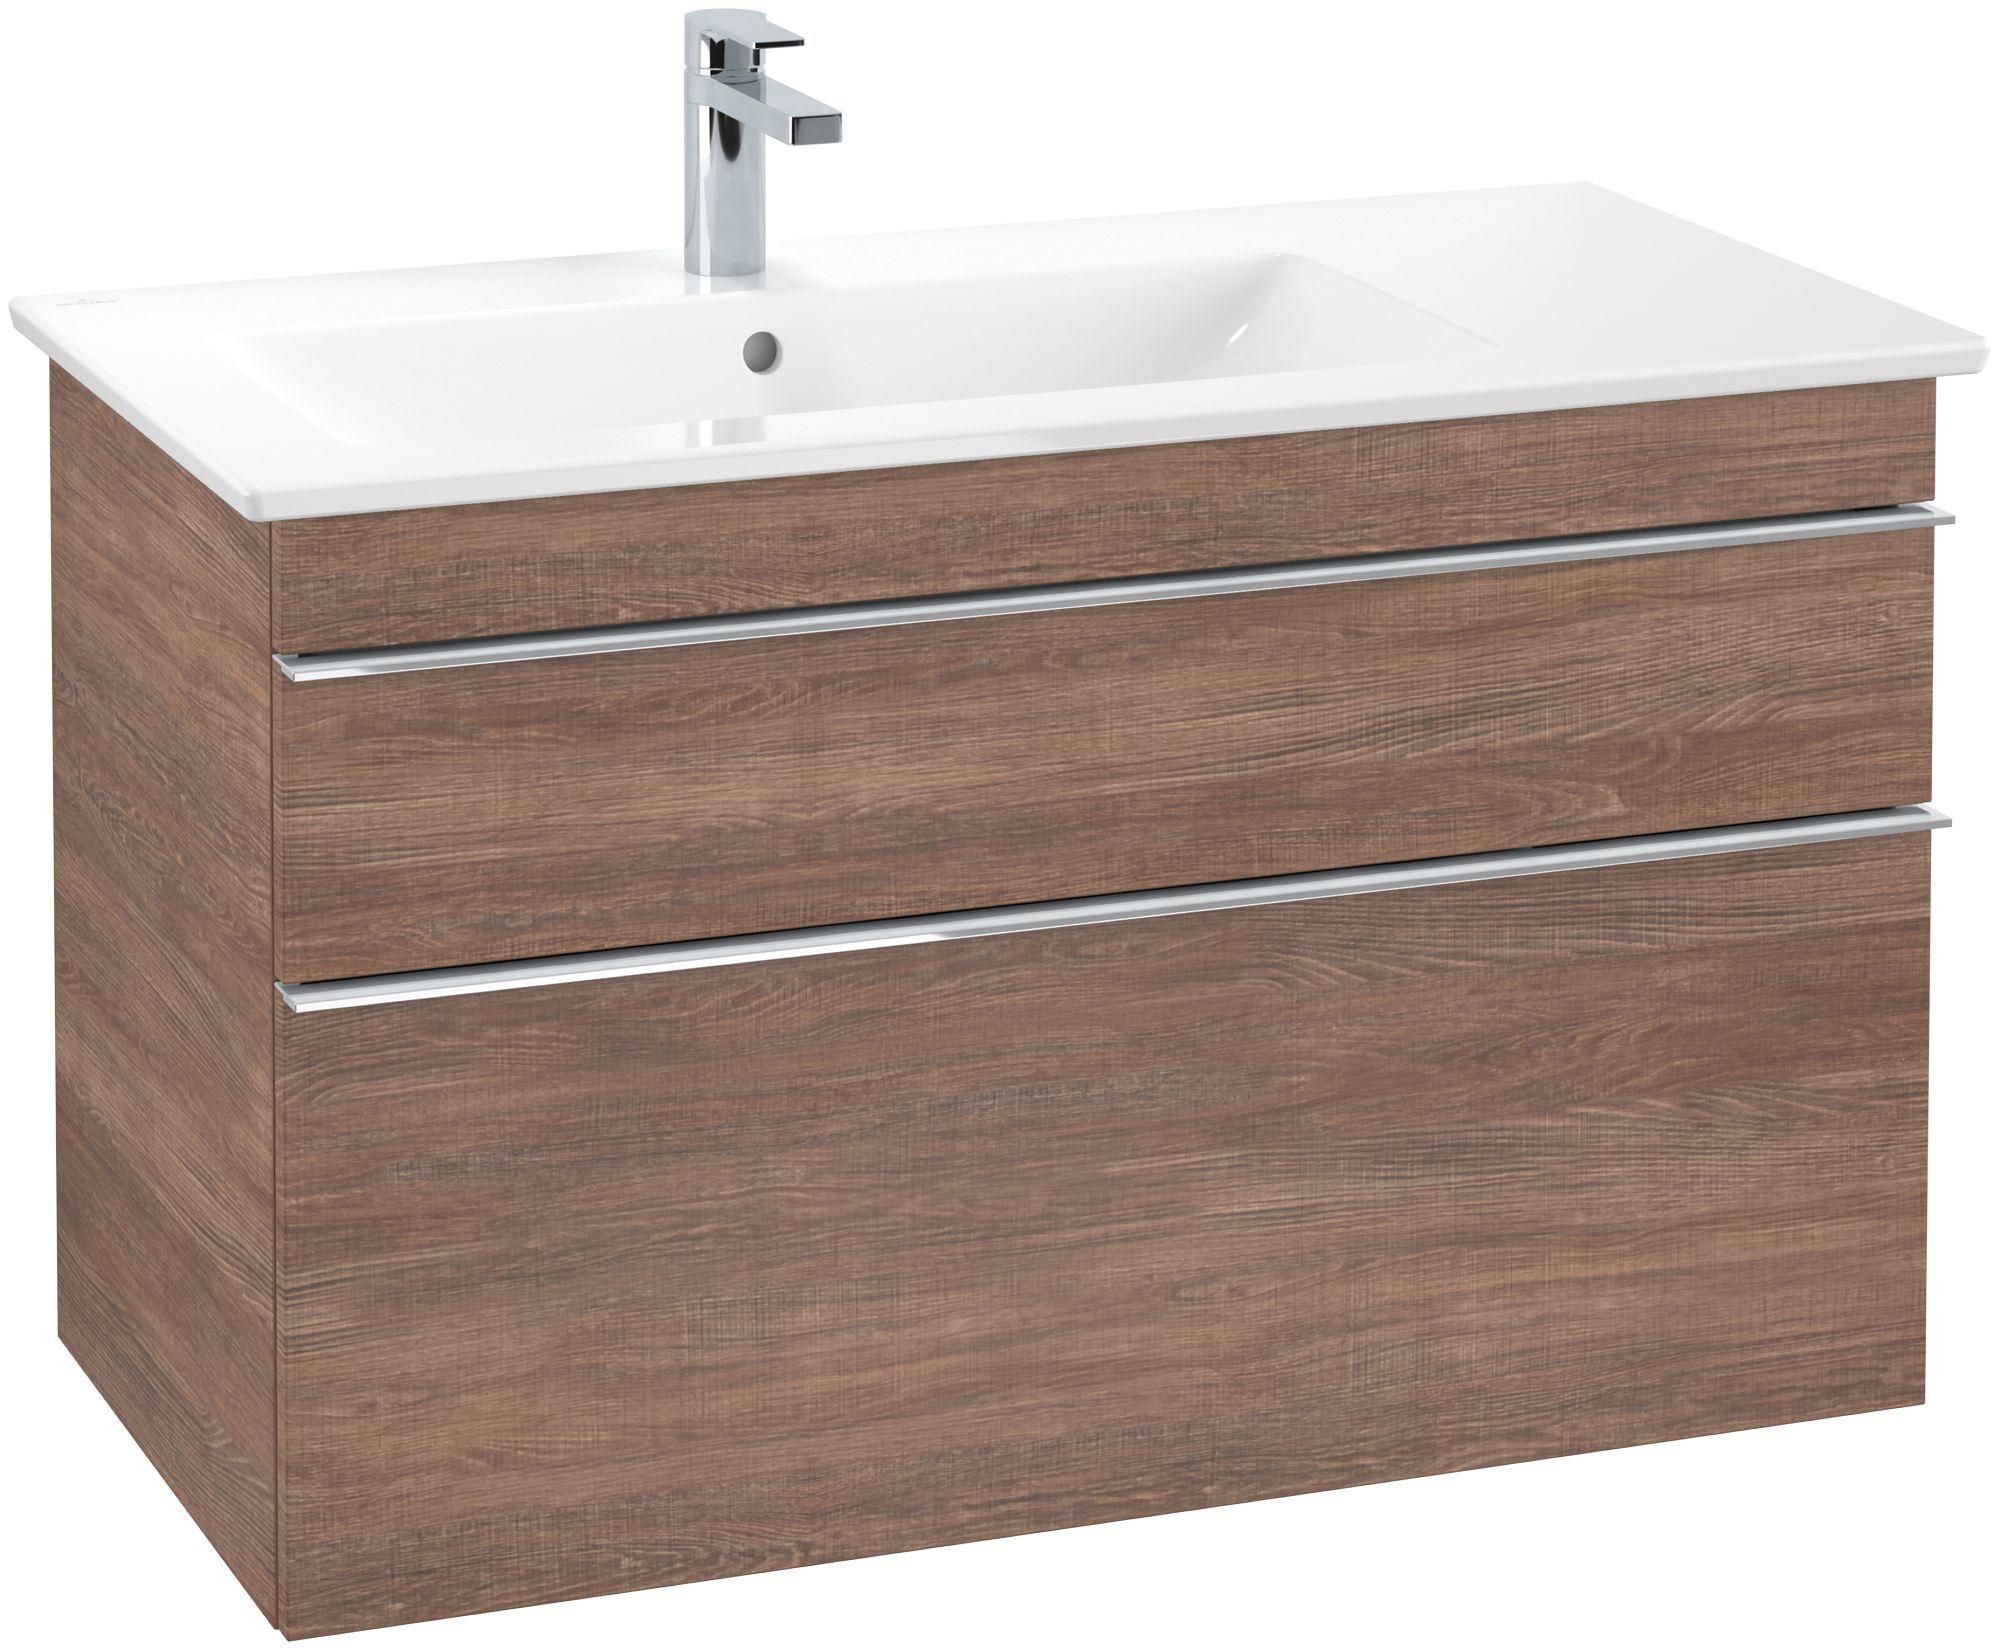 Villeroy & Boch Venticello Waschtischunterschrank 2 Auszüge B:953xT:502xH:590mm santana oak Griffe chrom A92701E1